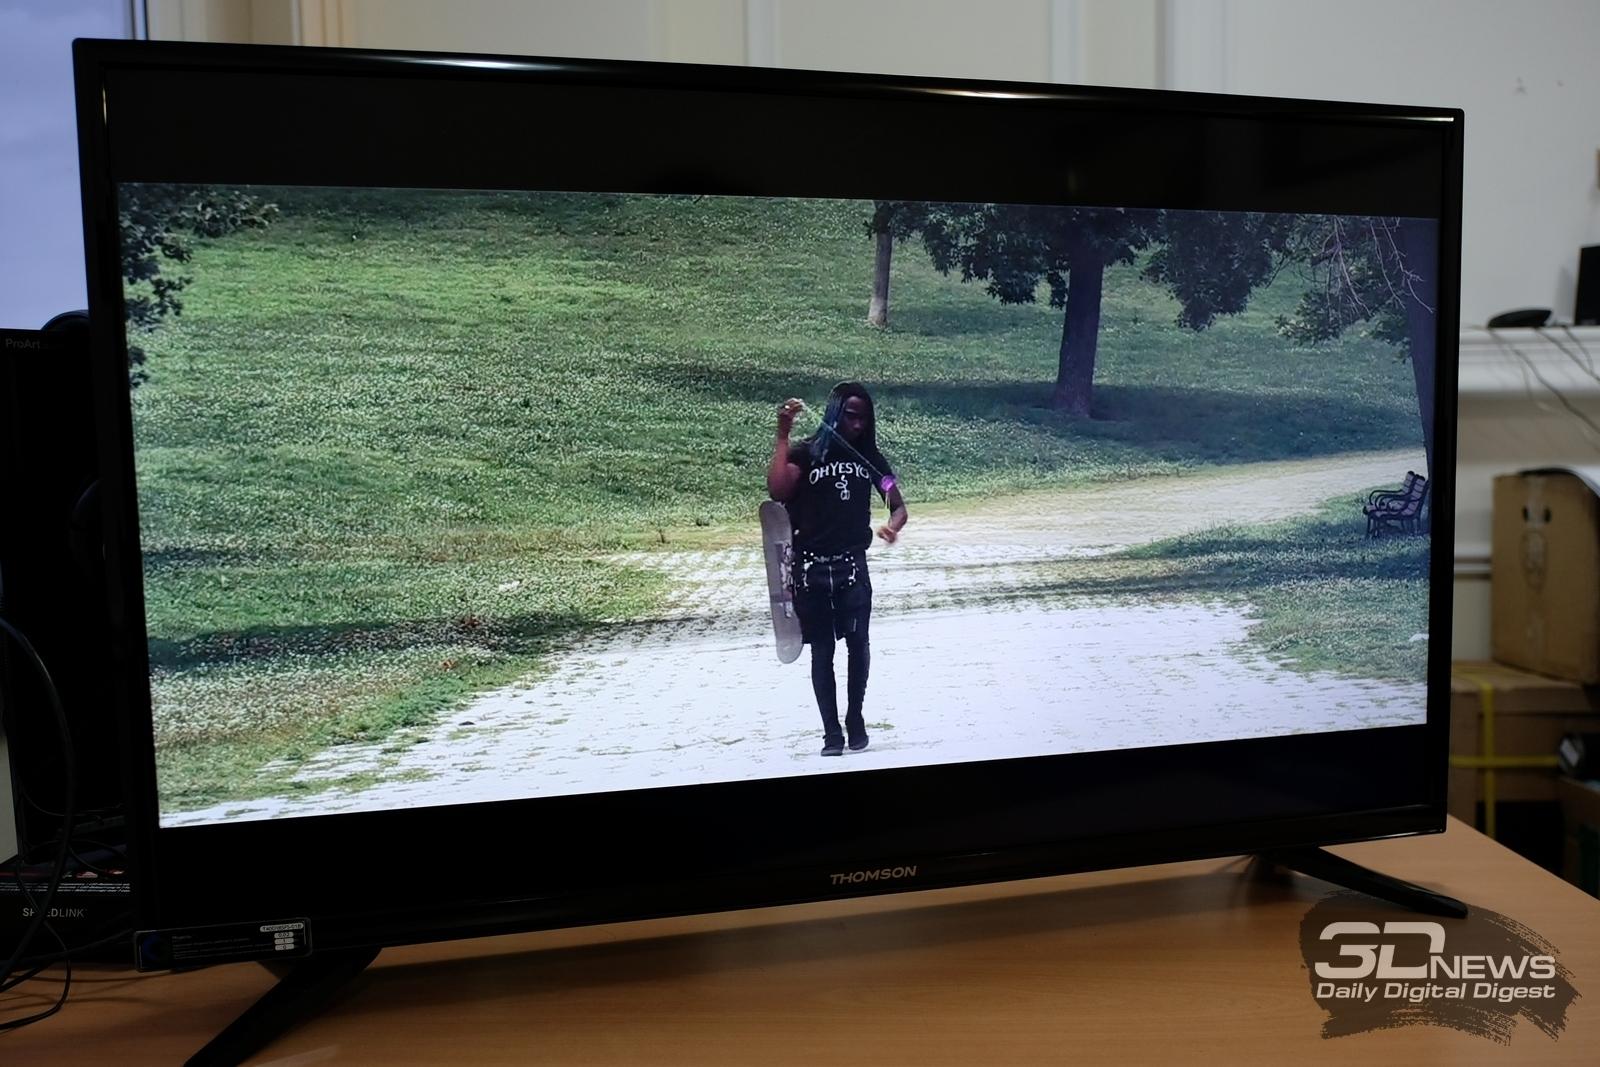 Какой формат скачать для телевизора